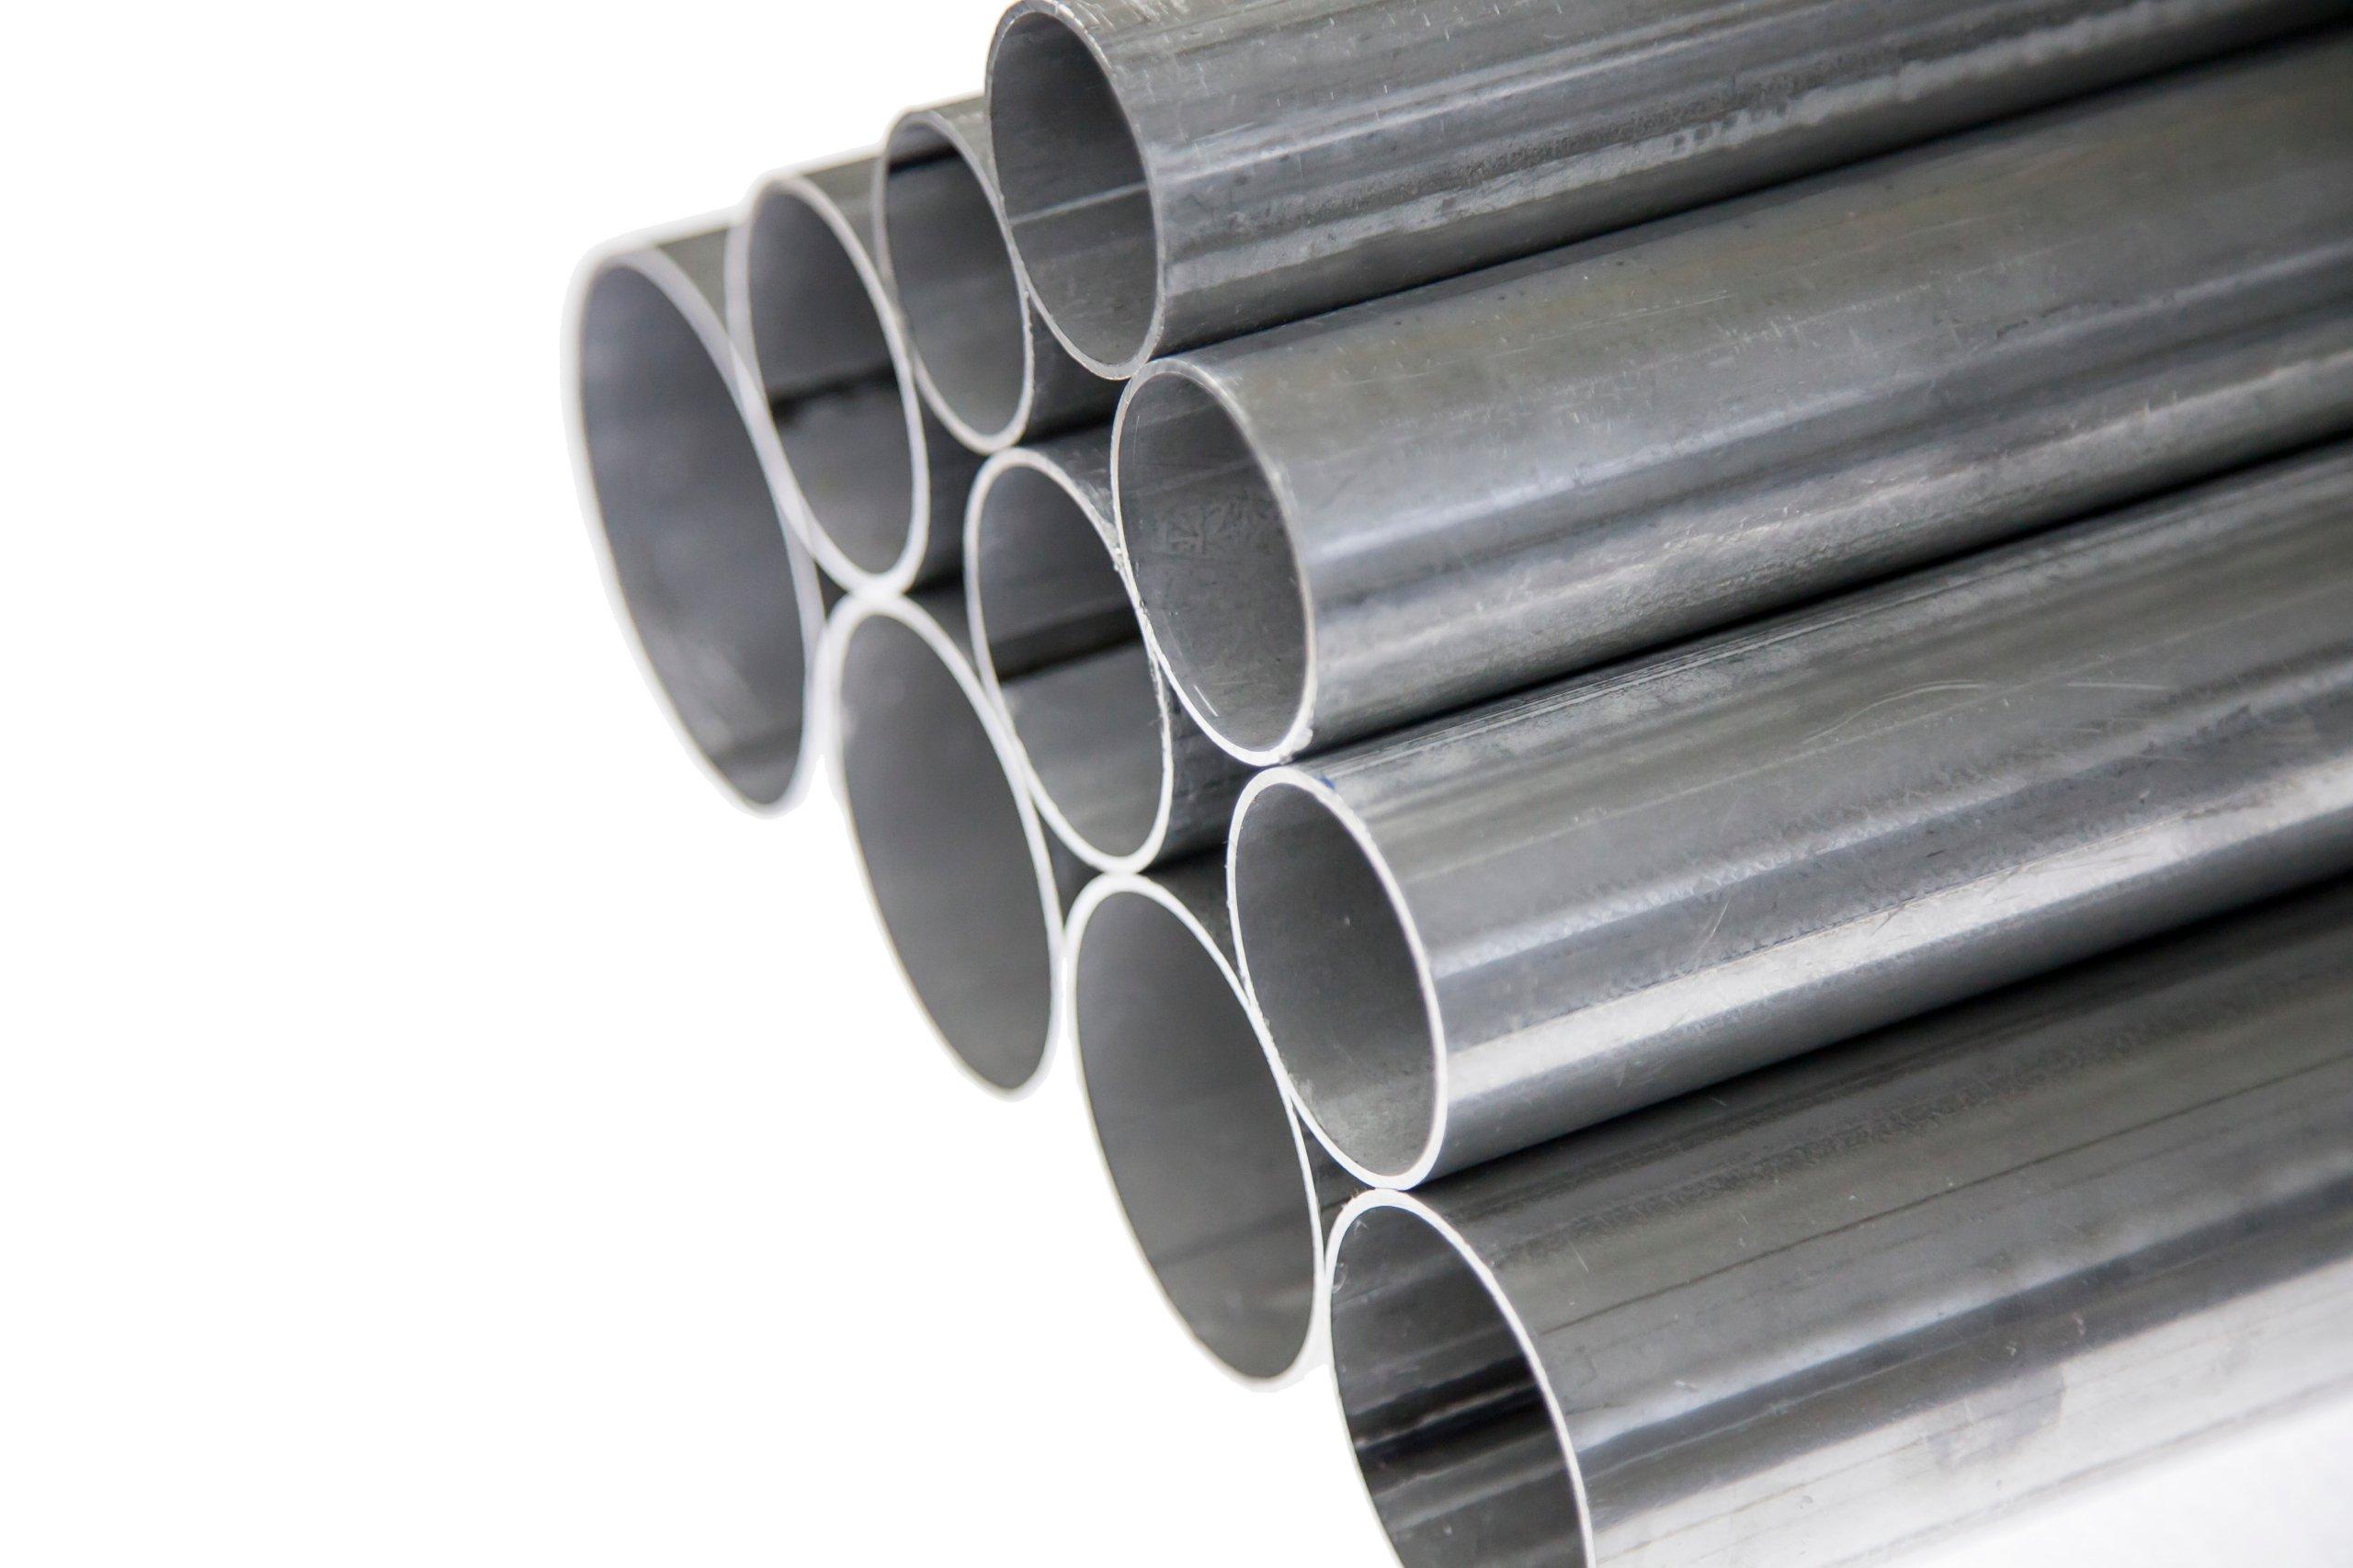 Труба алюминиевая, прямая, вырезанная, диаметр 50 мм